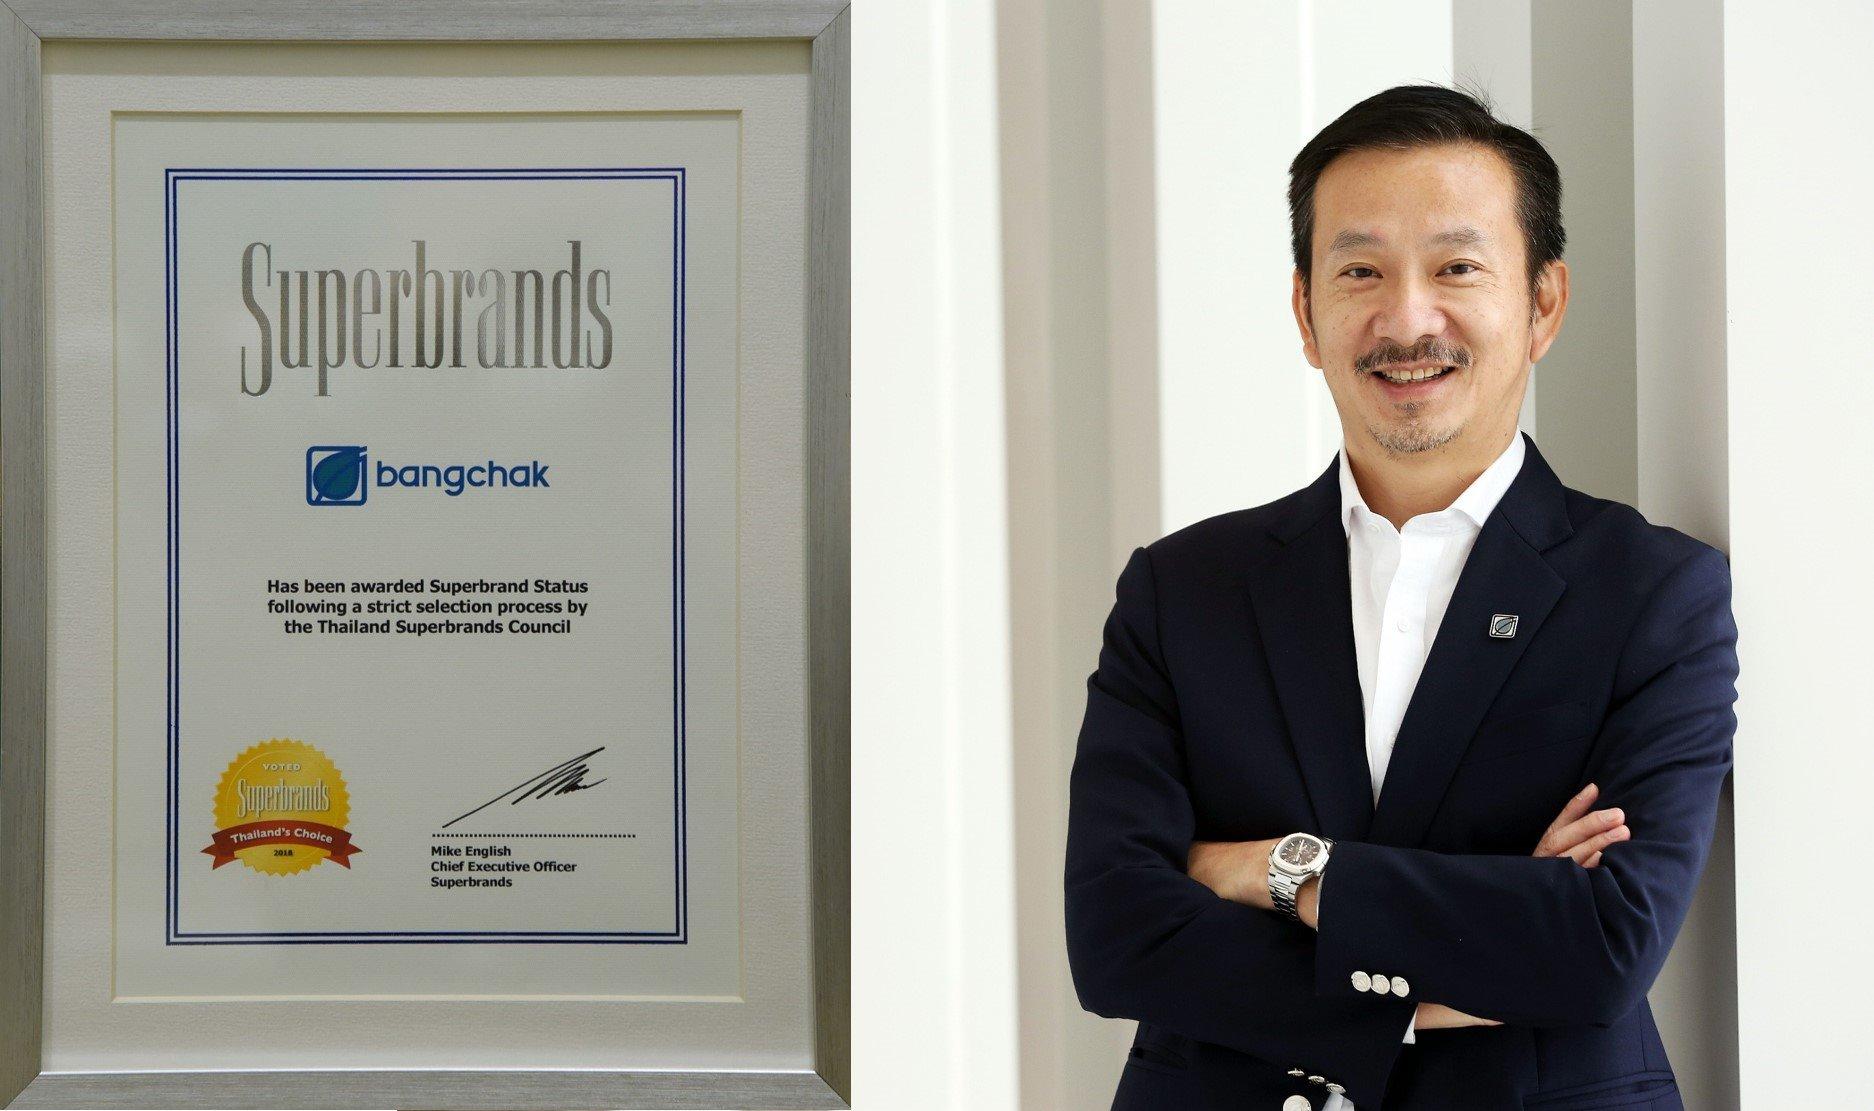 Bangchak Bags Superbrands Award